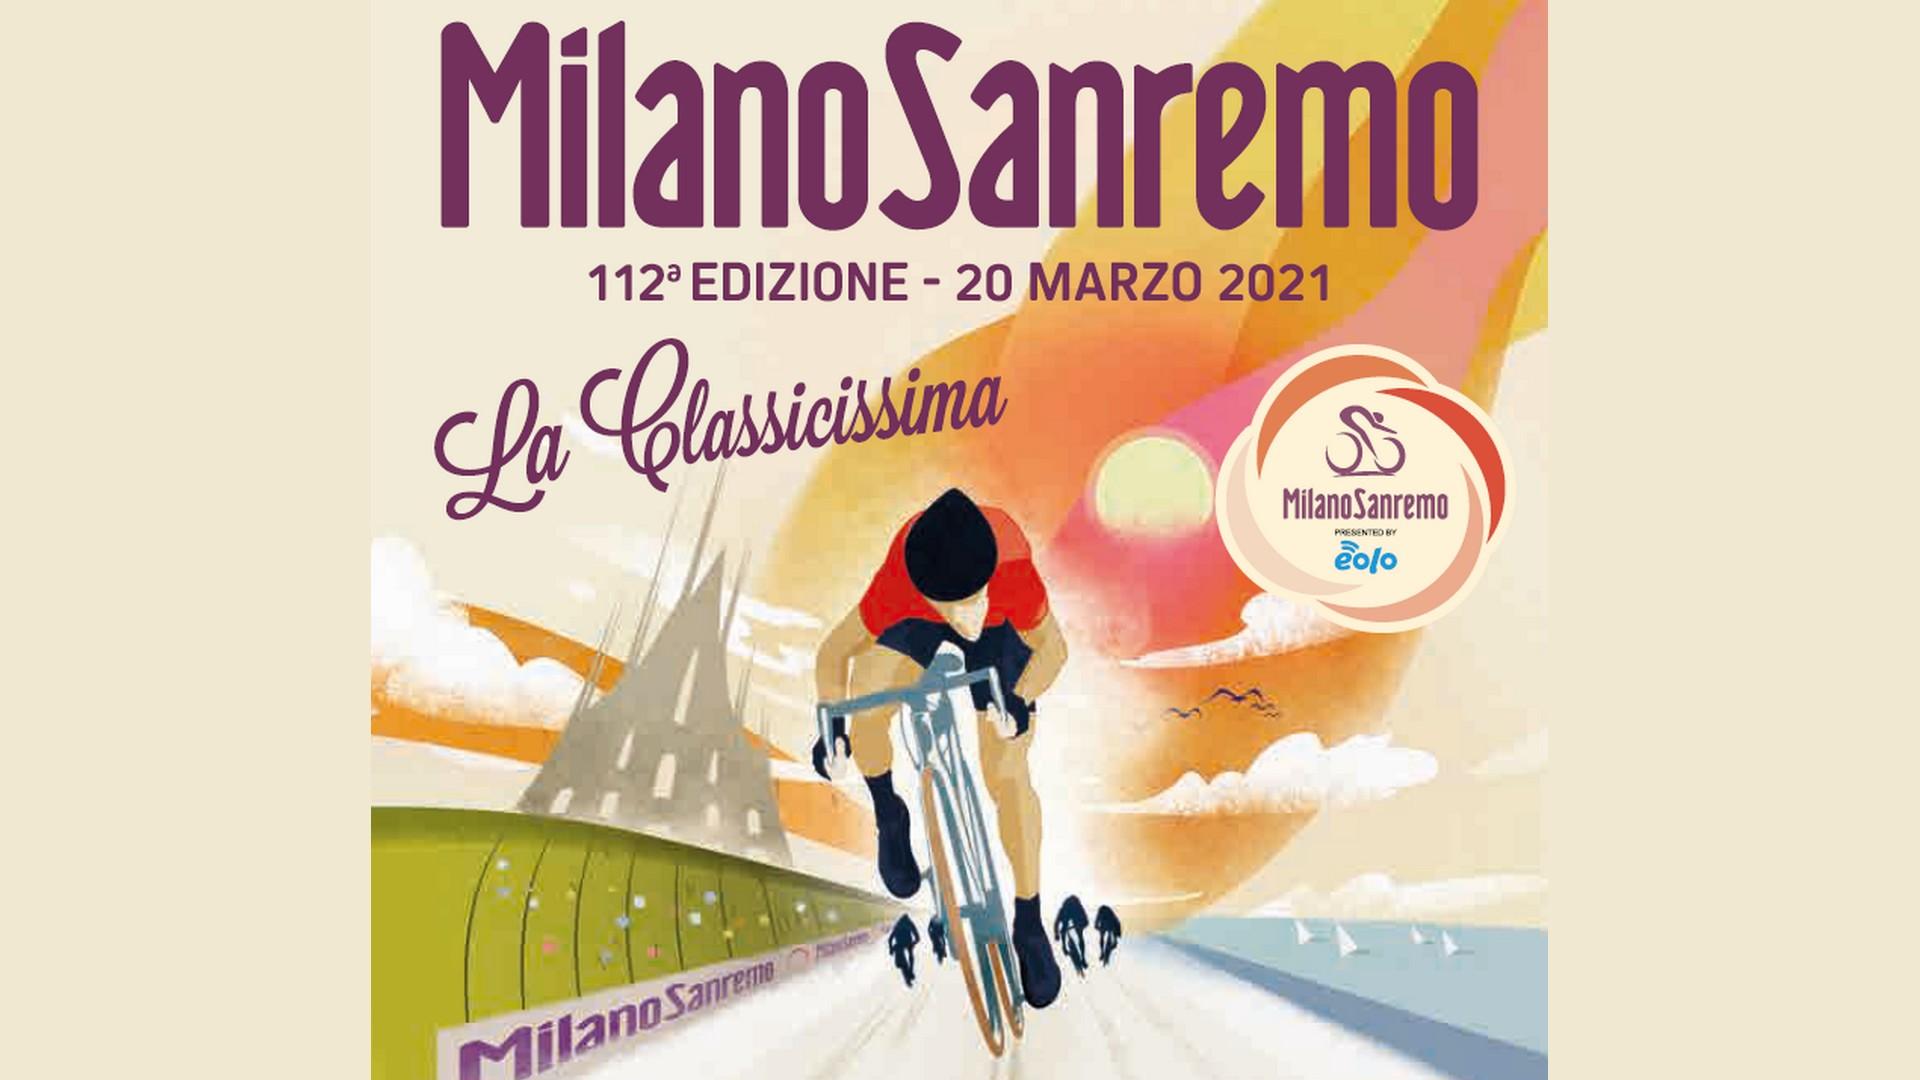 Milan-Sanremo (1) Affiche 2021